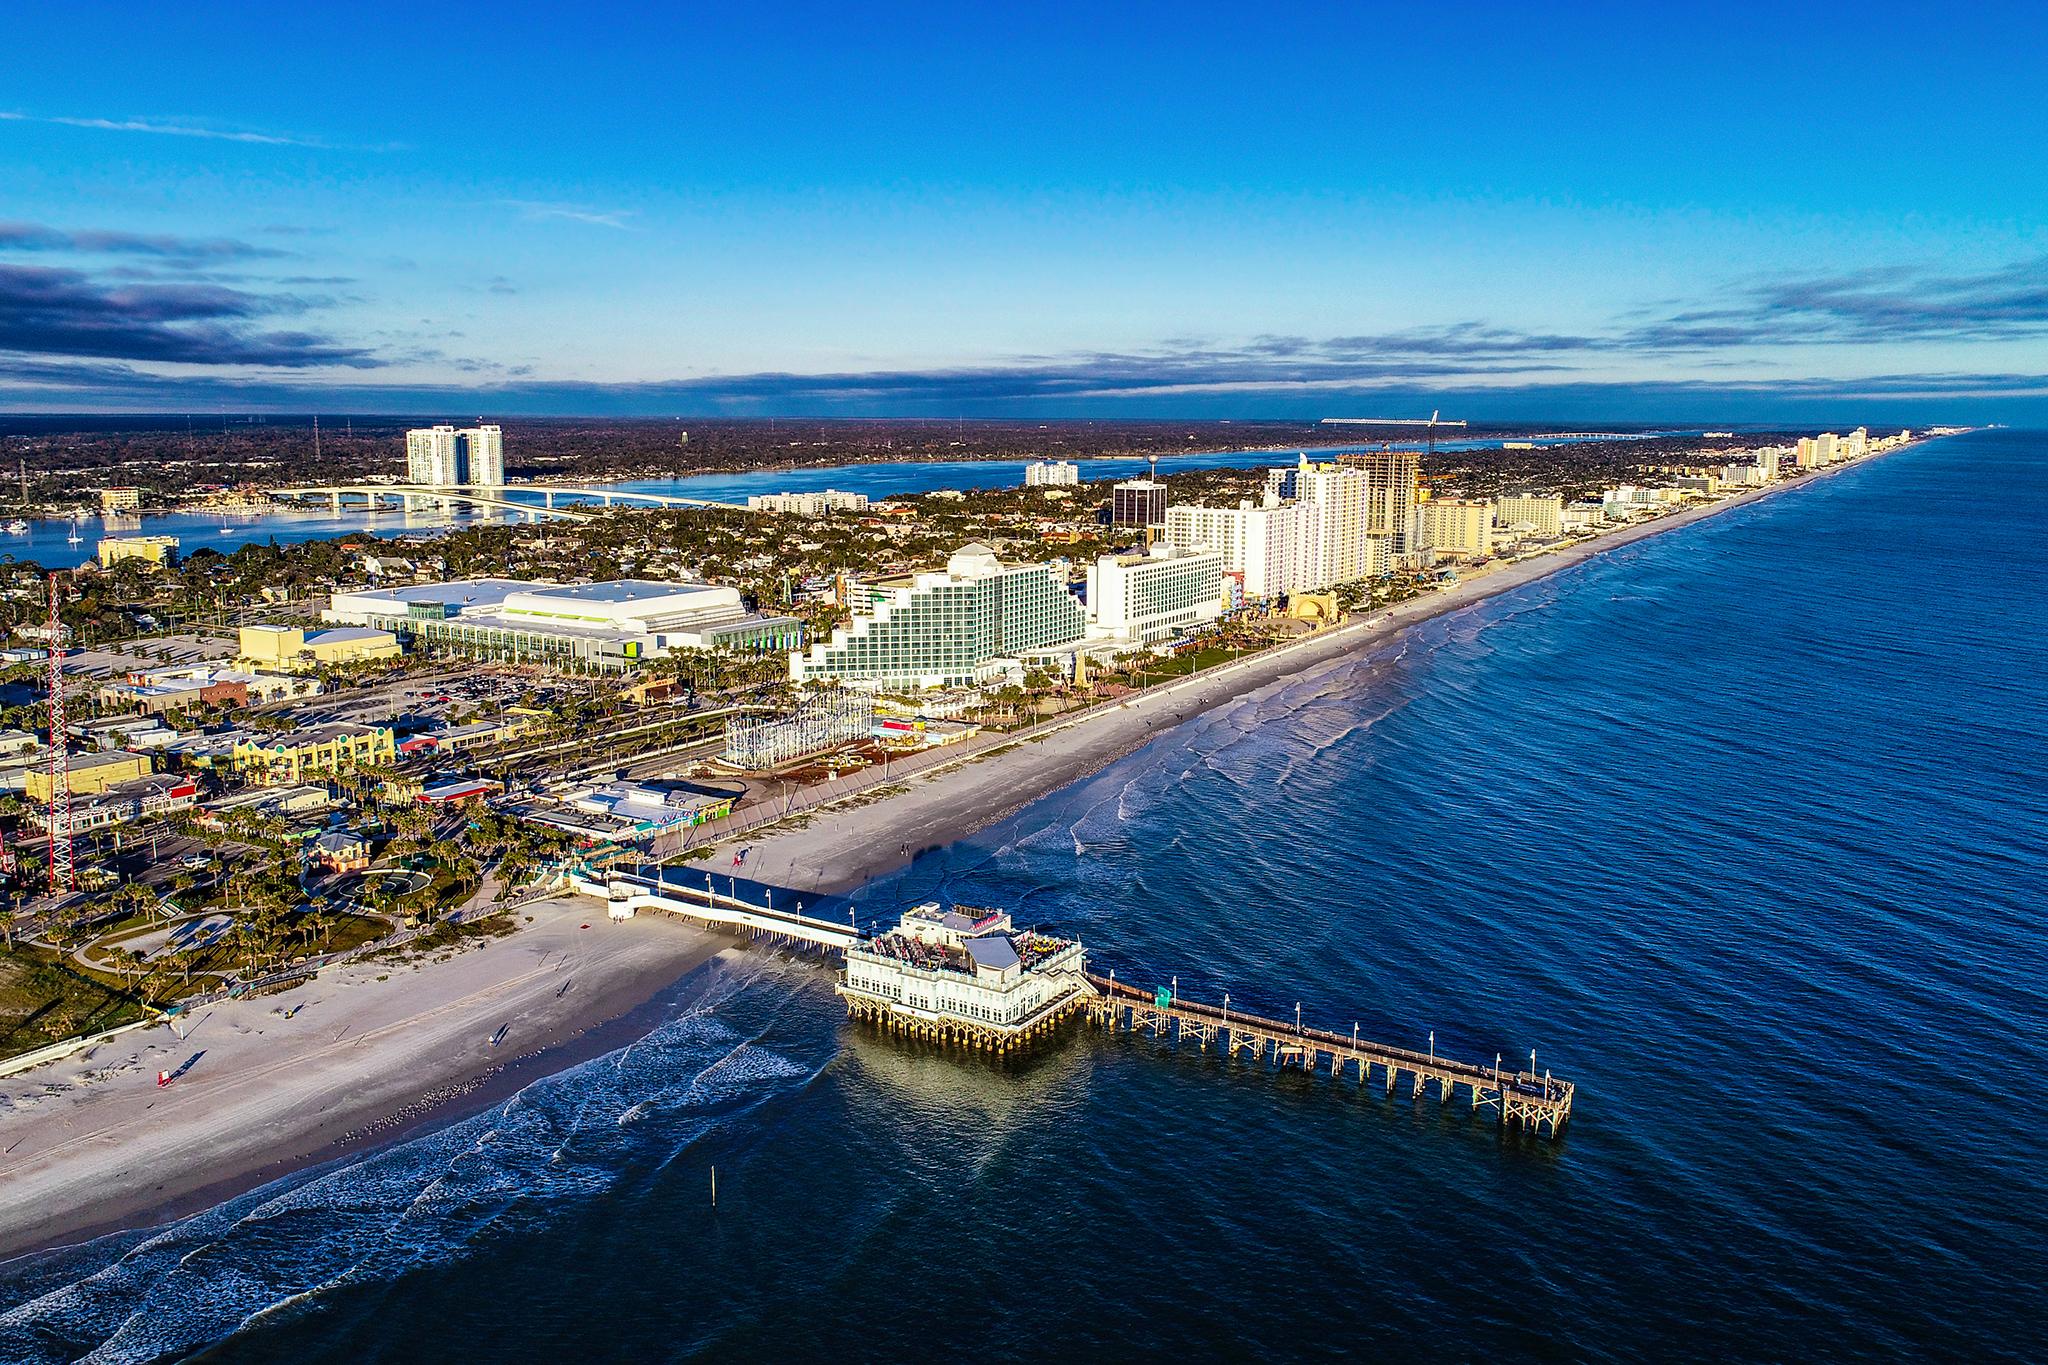 13 Best Beaches Near Orlando For Fun